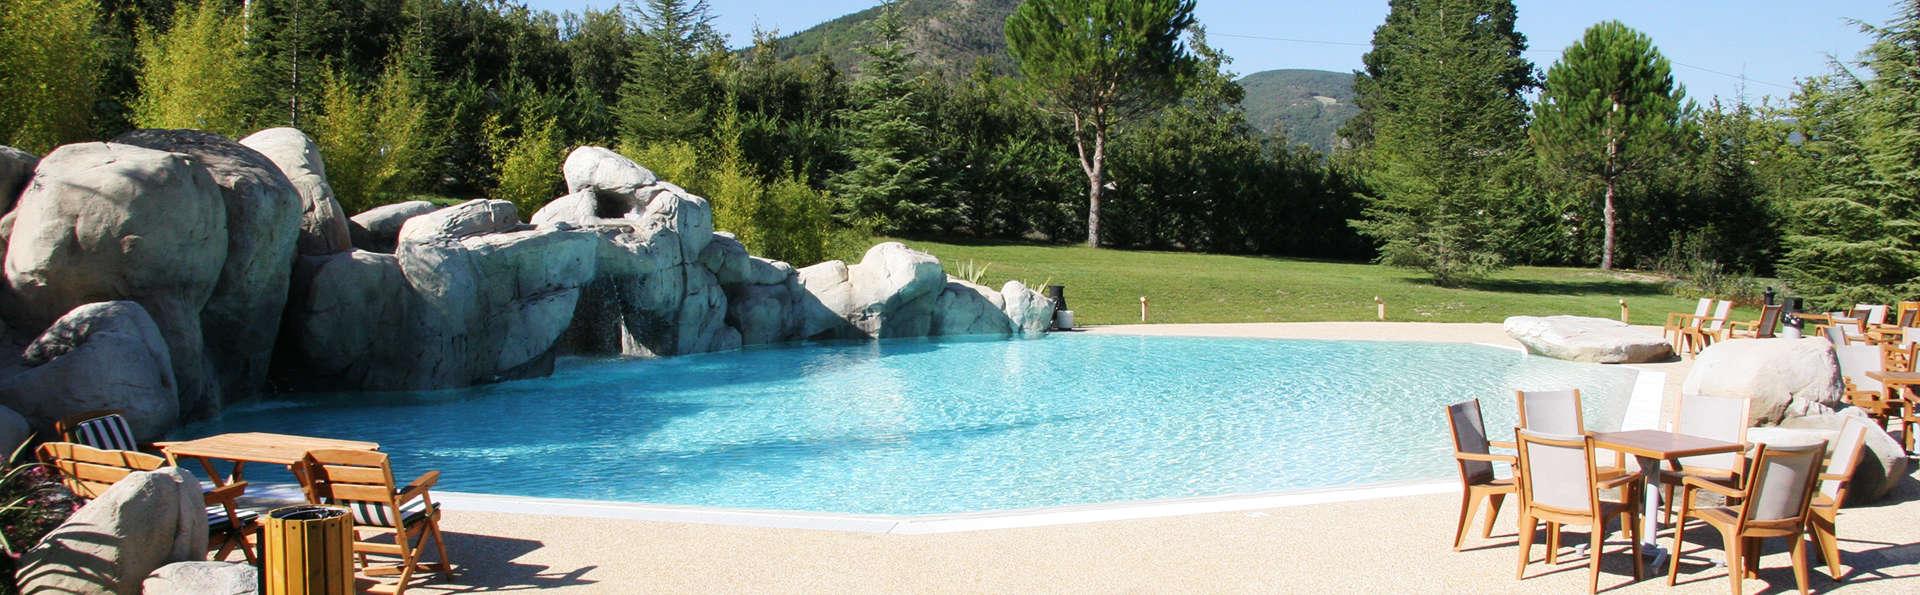 Benessere con accesso spa vicino alle Grotte di Frasassi